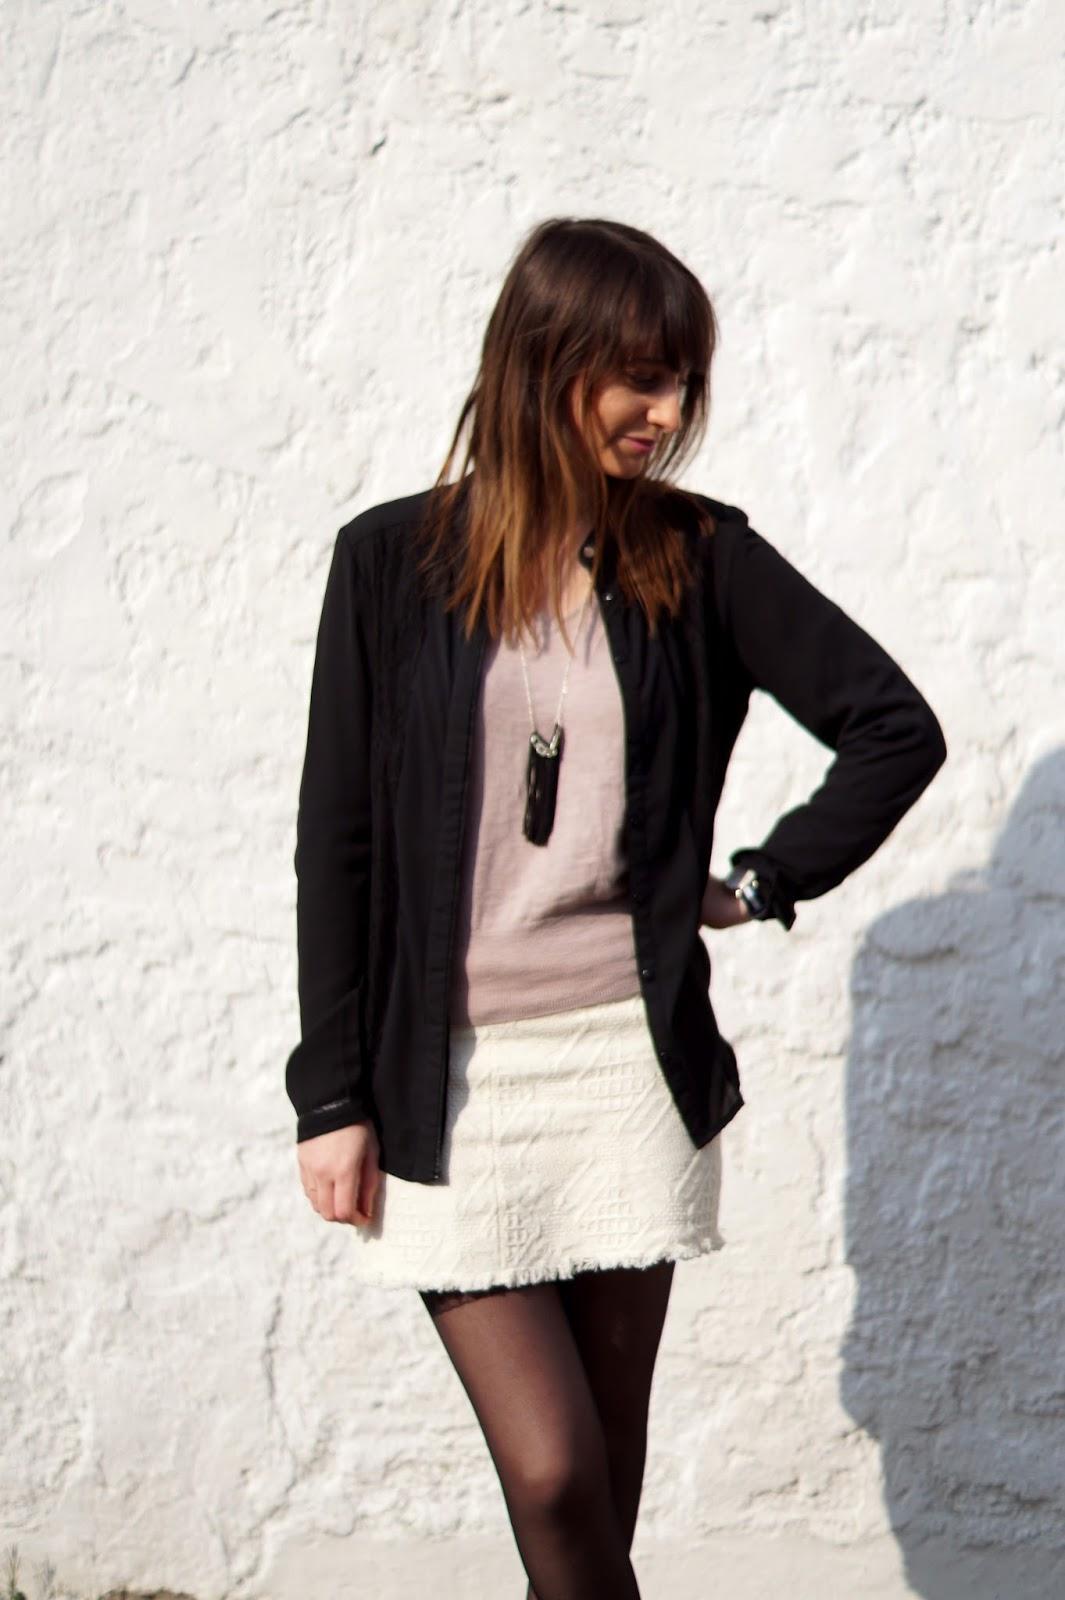 comment porter la jupe blanche en hiver chicas de. Black Bedroom Furniture Sets. Home Design Ideas